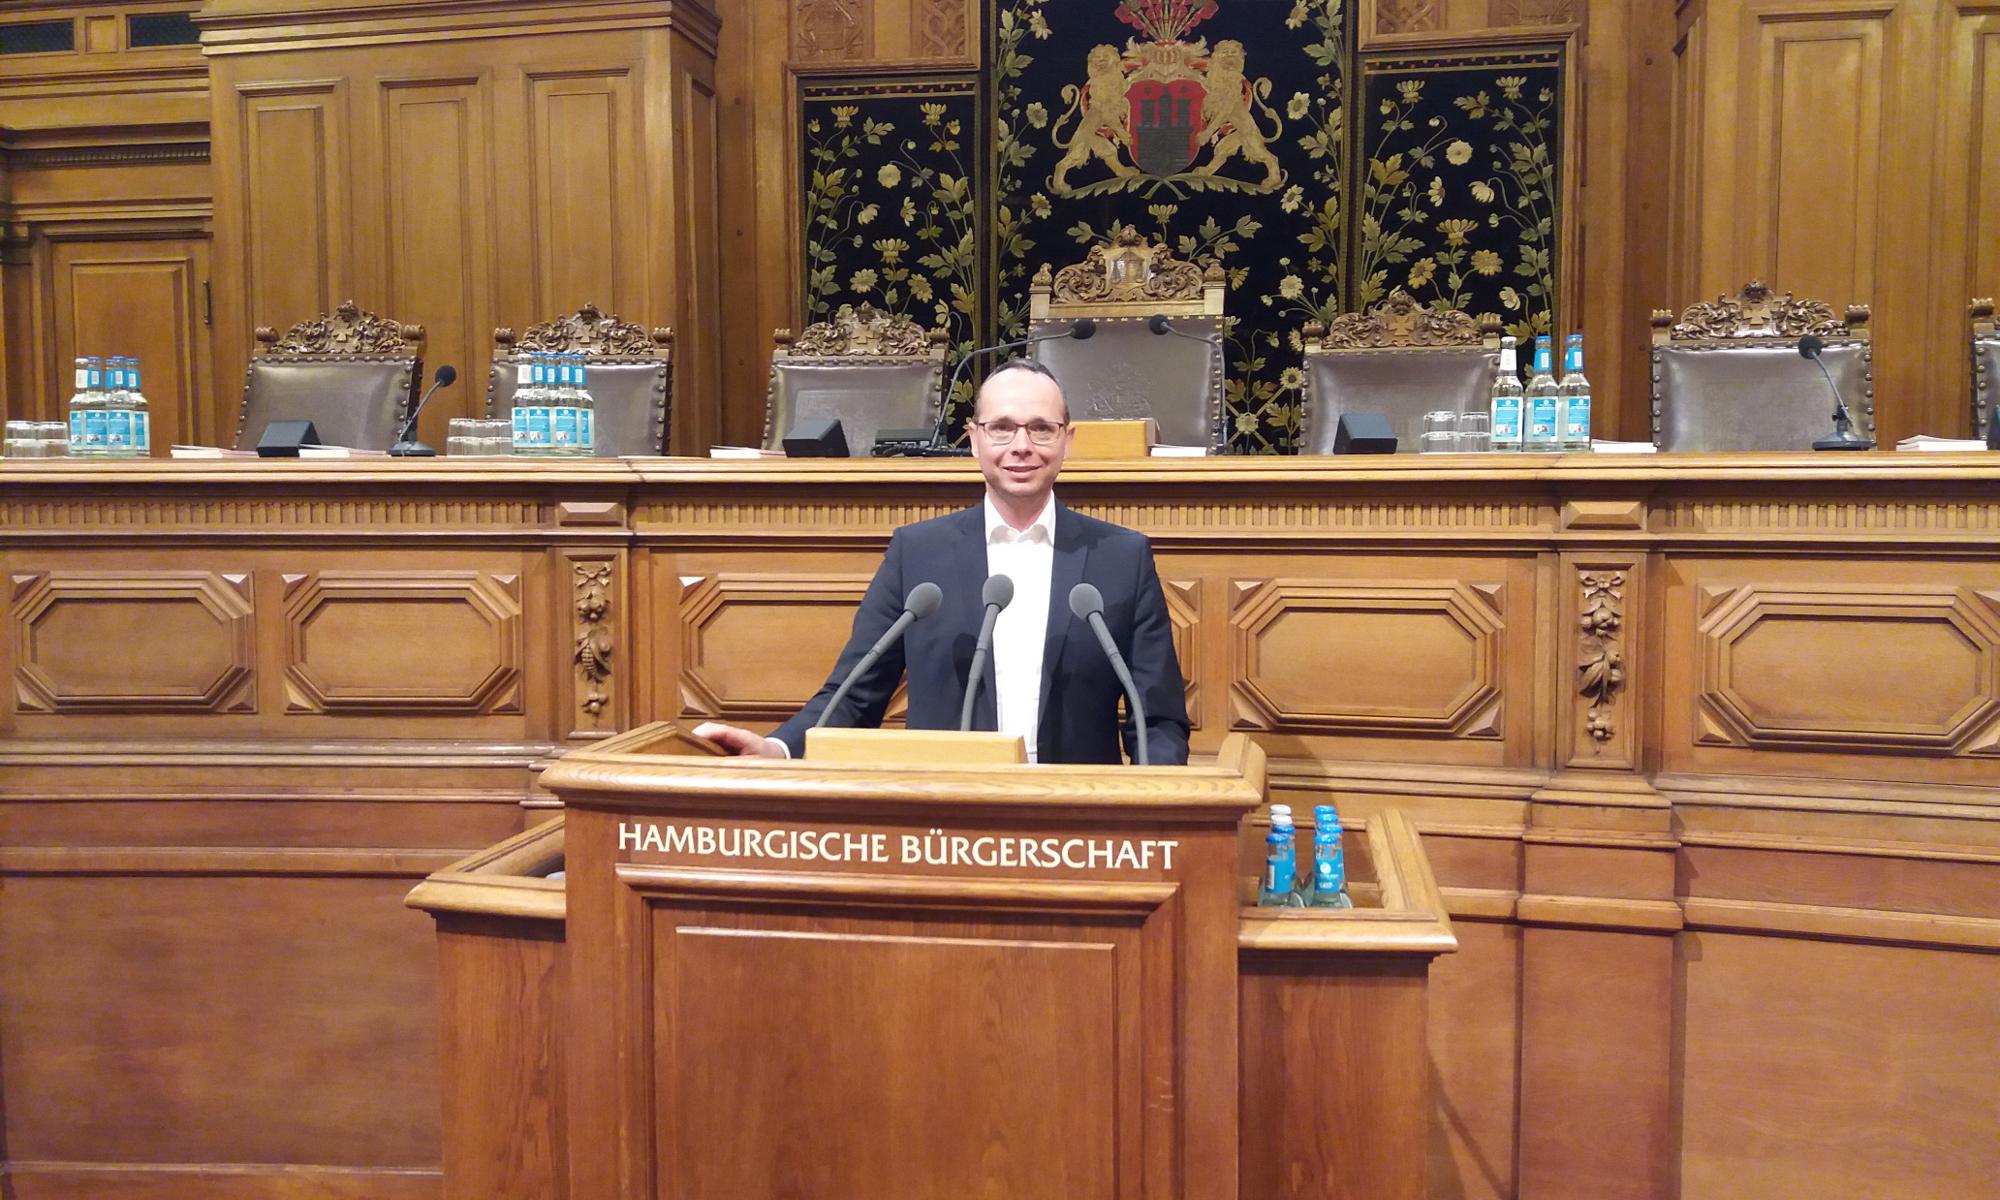 Sören Schumacher